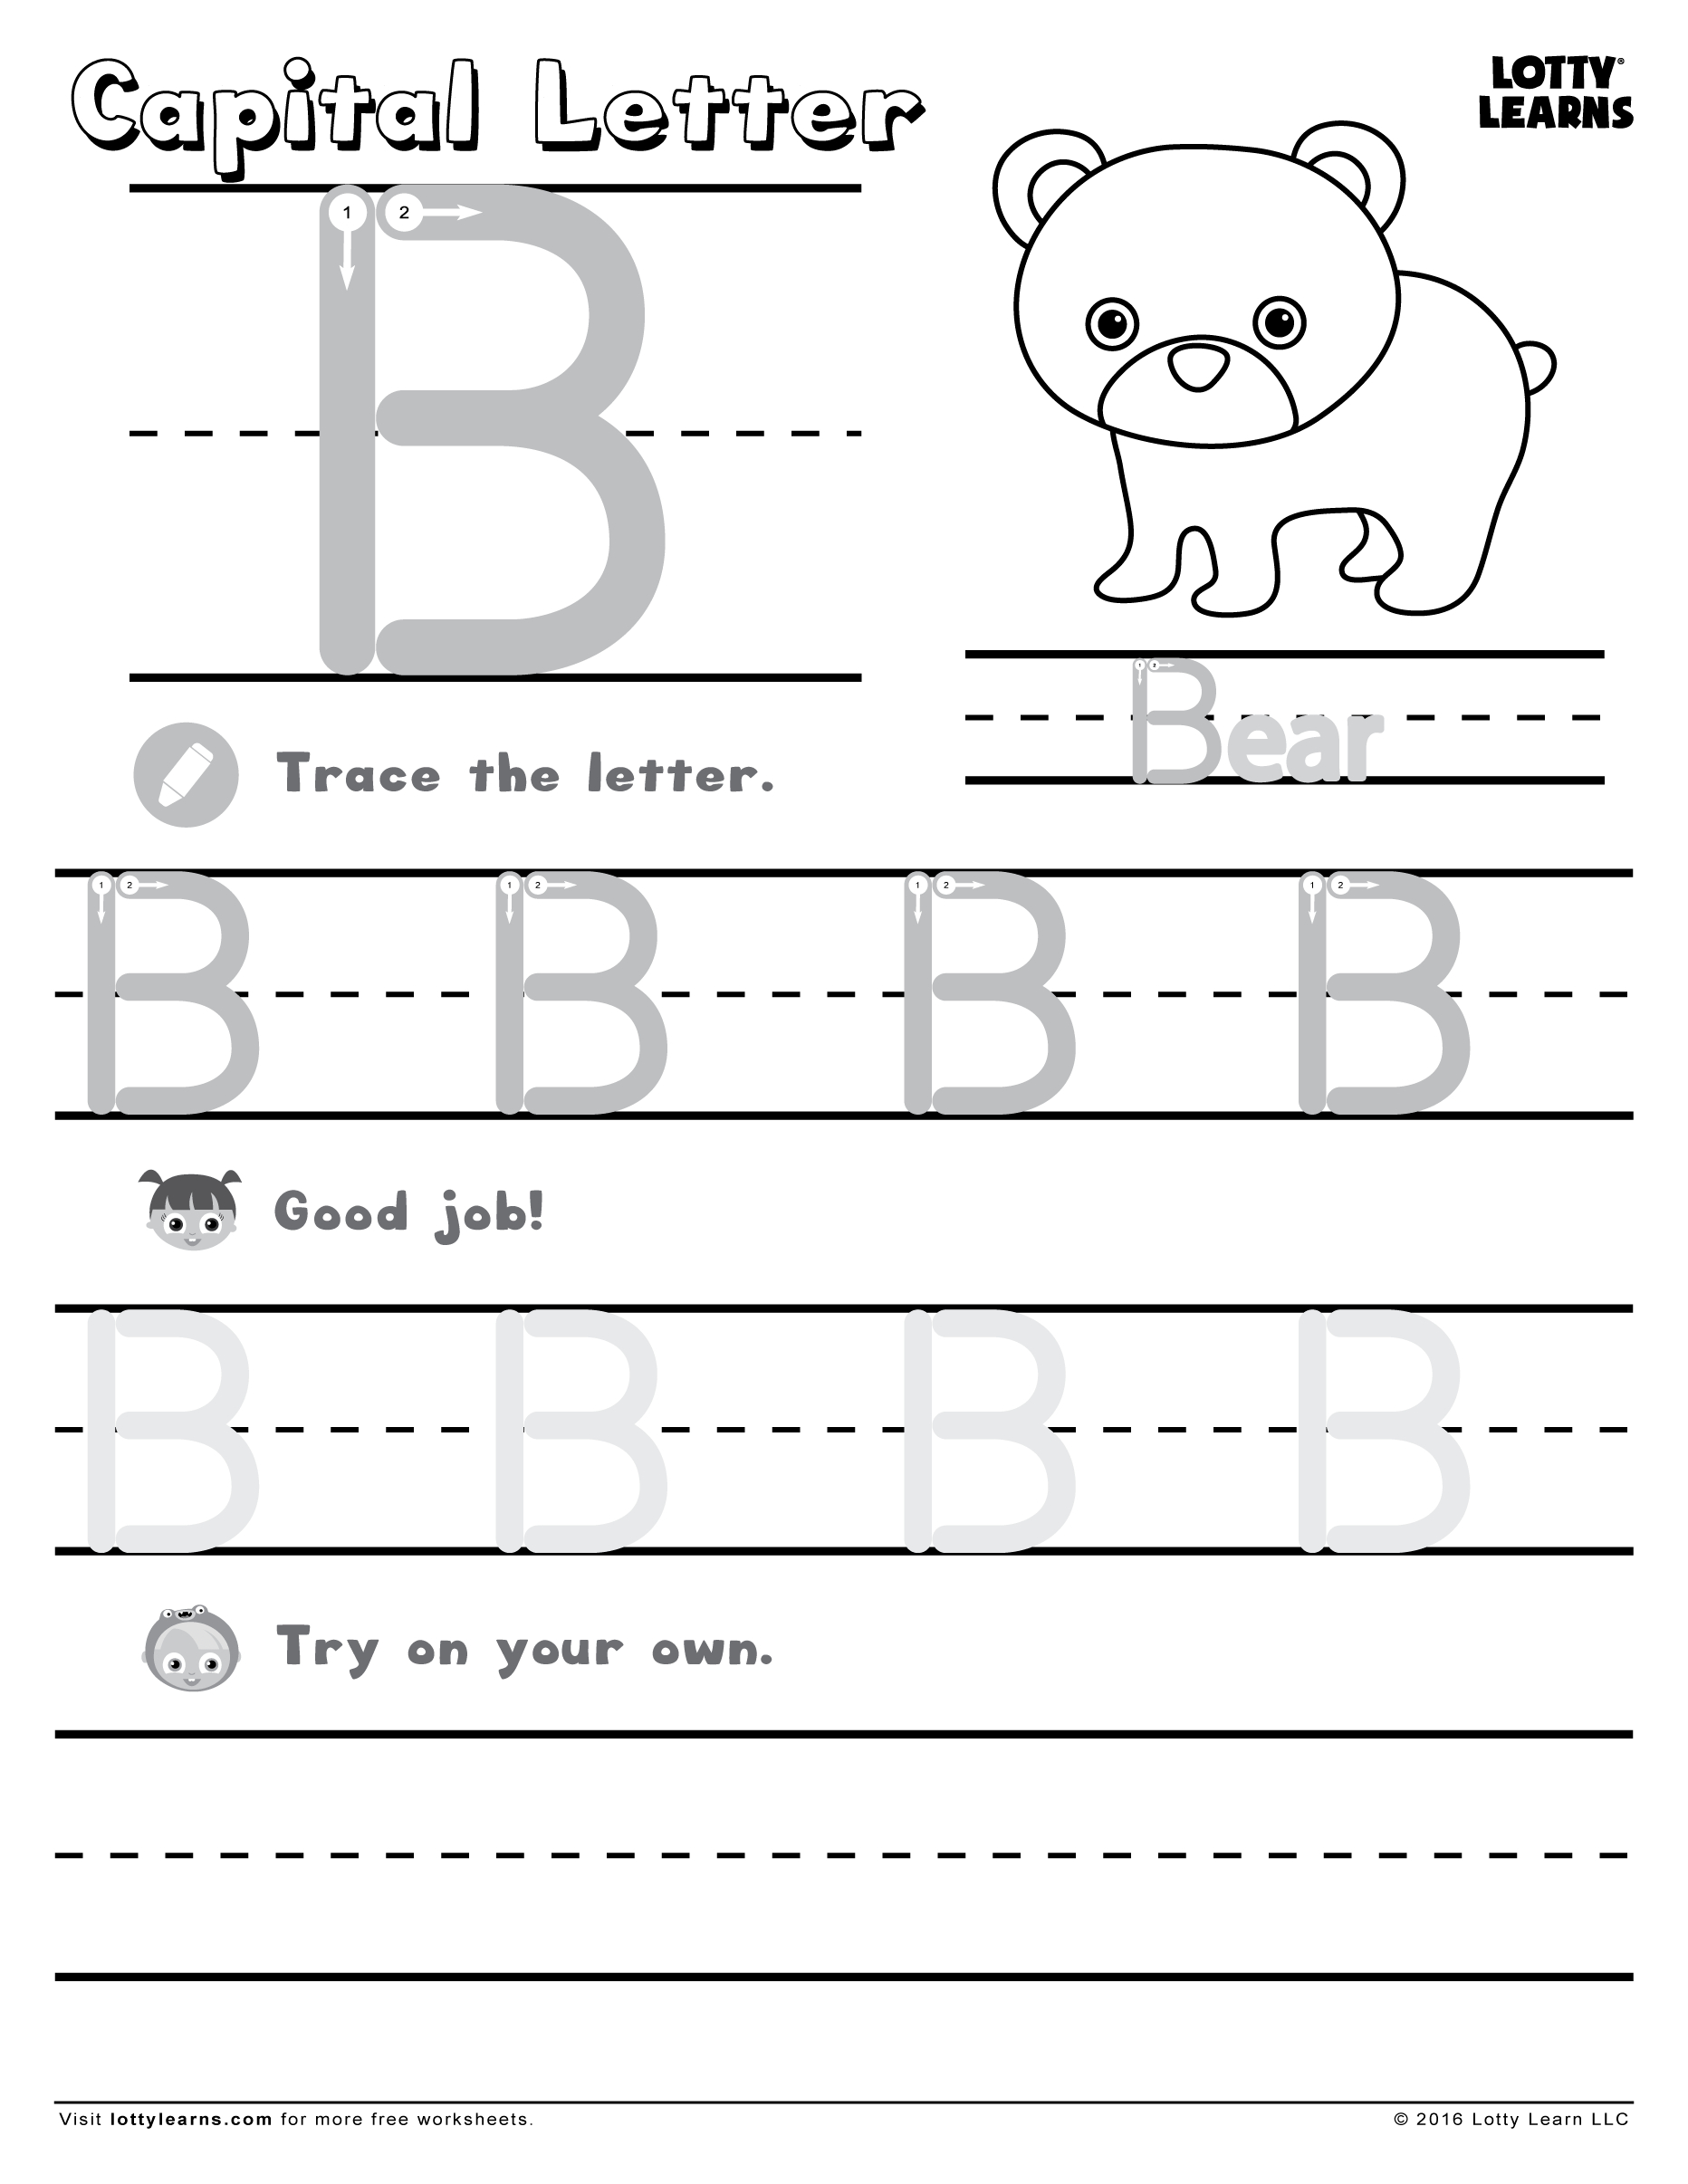 18 Letter B Worksheets For Practicing | Kittybabylove with Letter B Worksheets Free